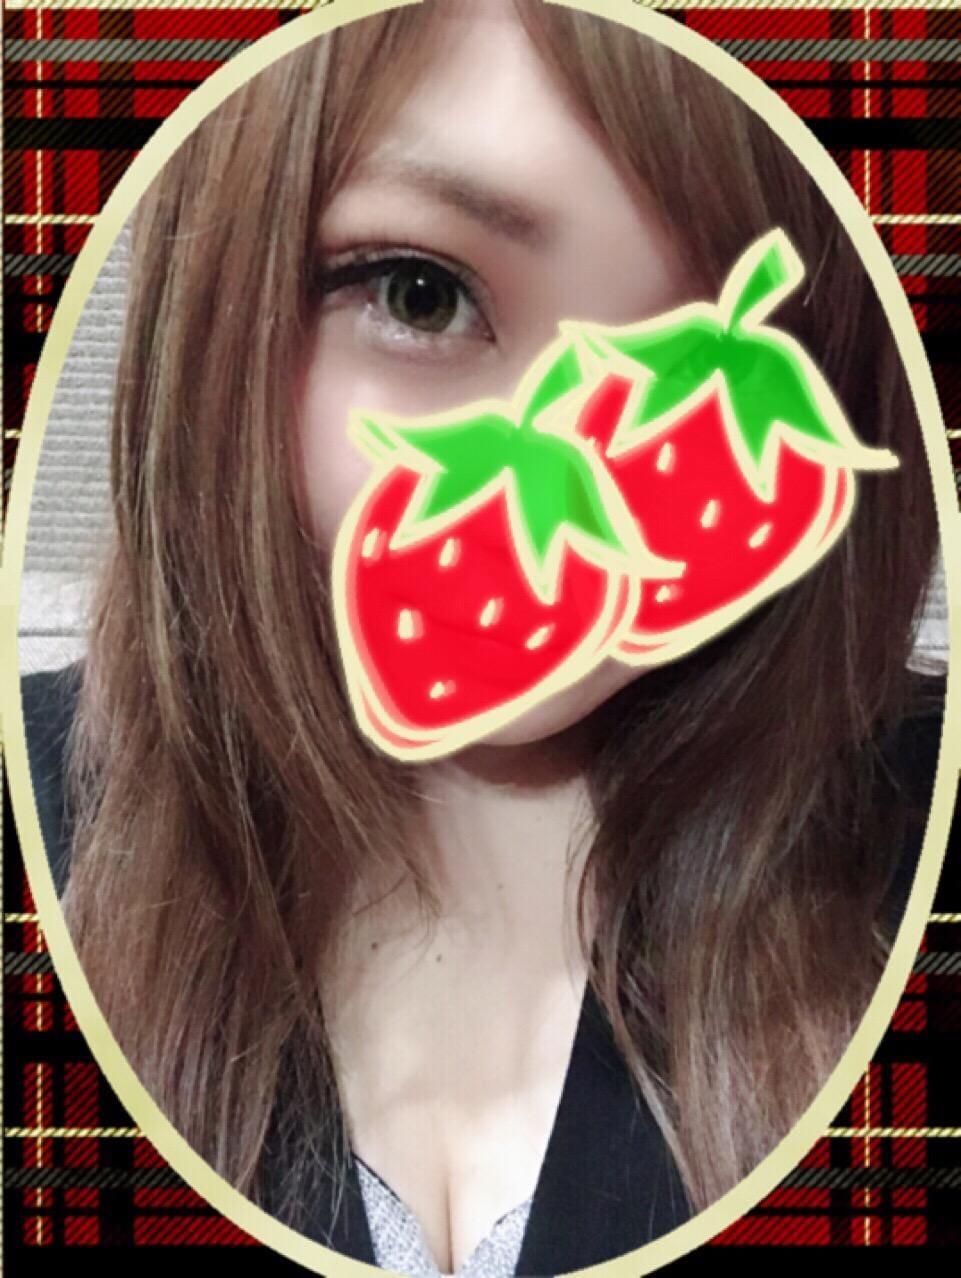 「✨待機✨」08/05(日) 01:33   あかりの写メ・風俗動画